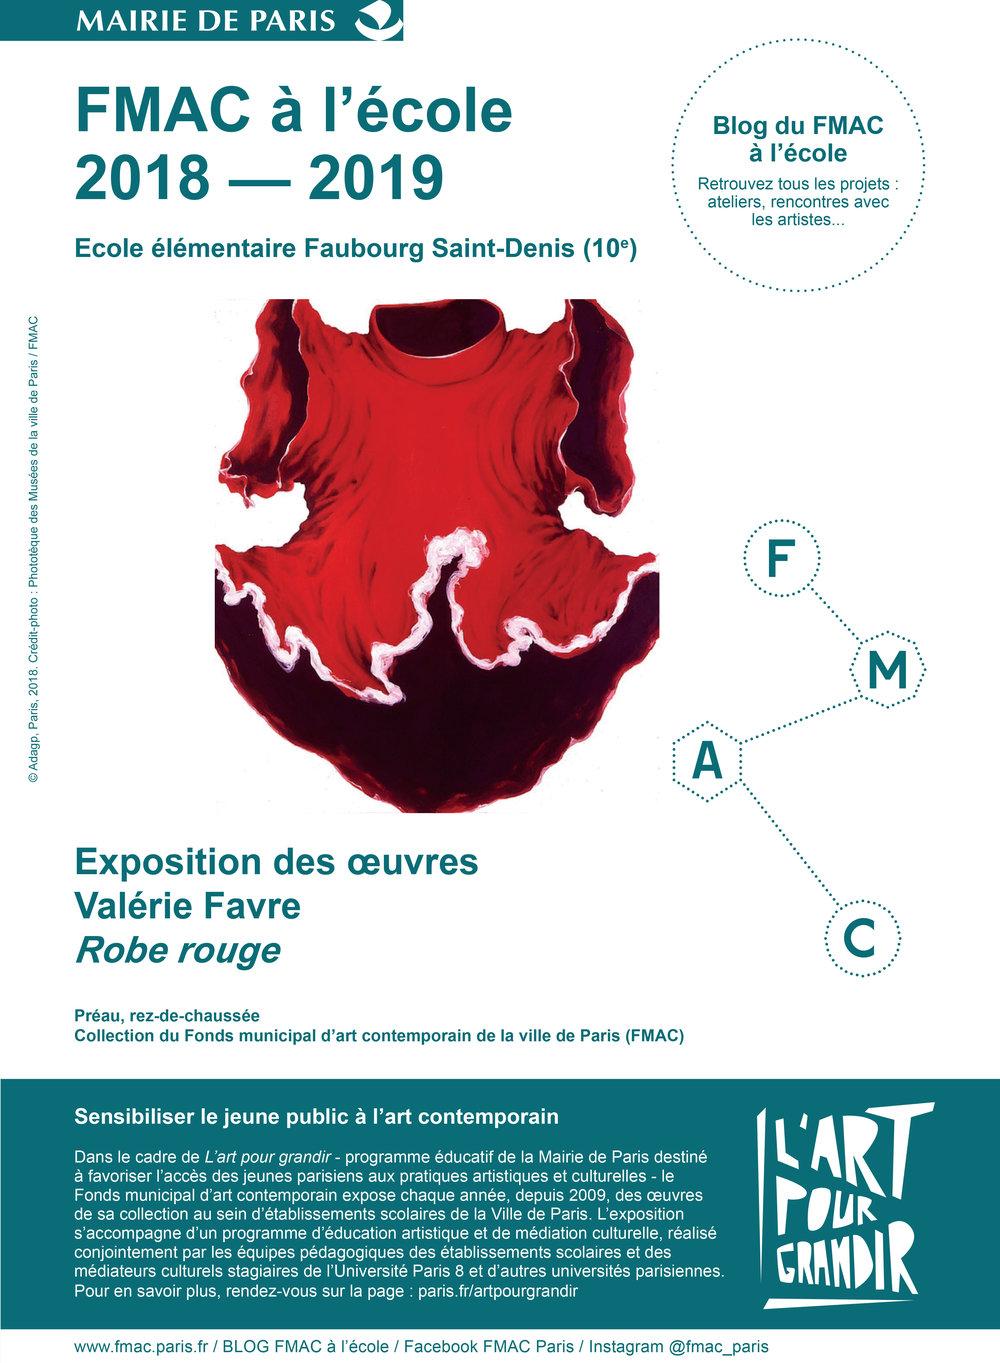 Affichette ter_signaletique_A3_ 1 exemplaire-3.jpg